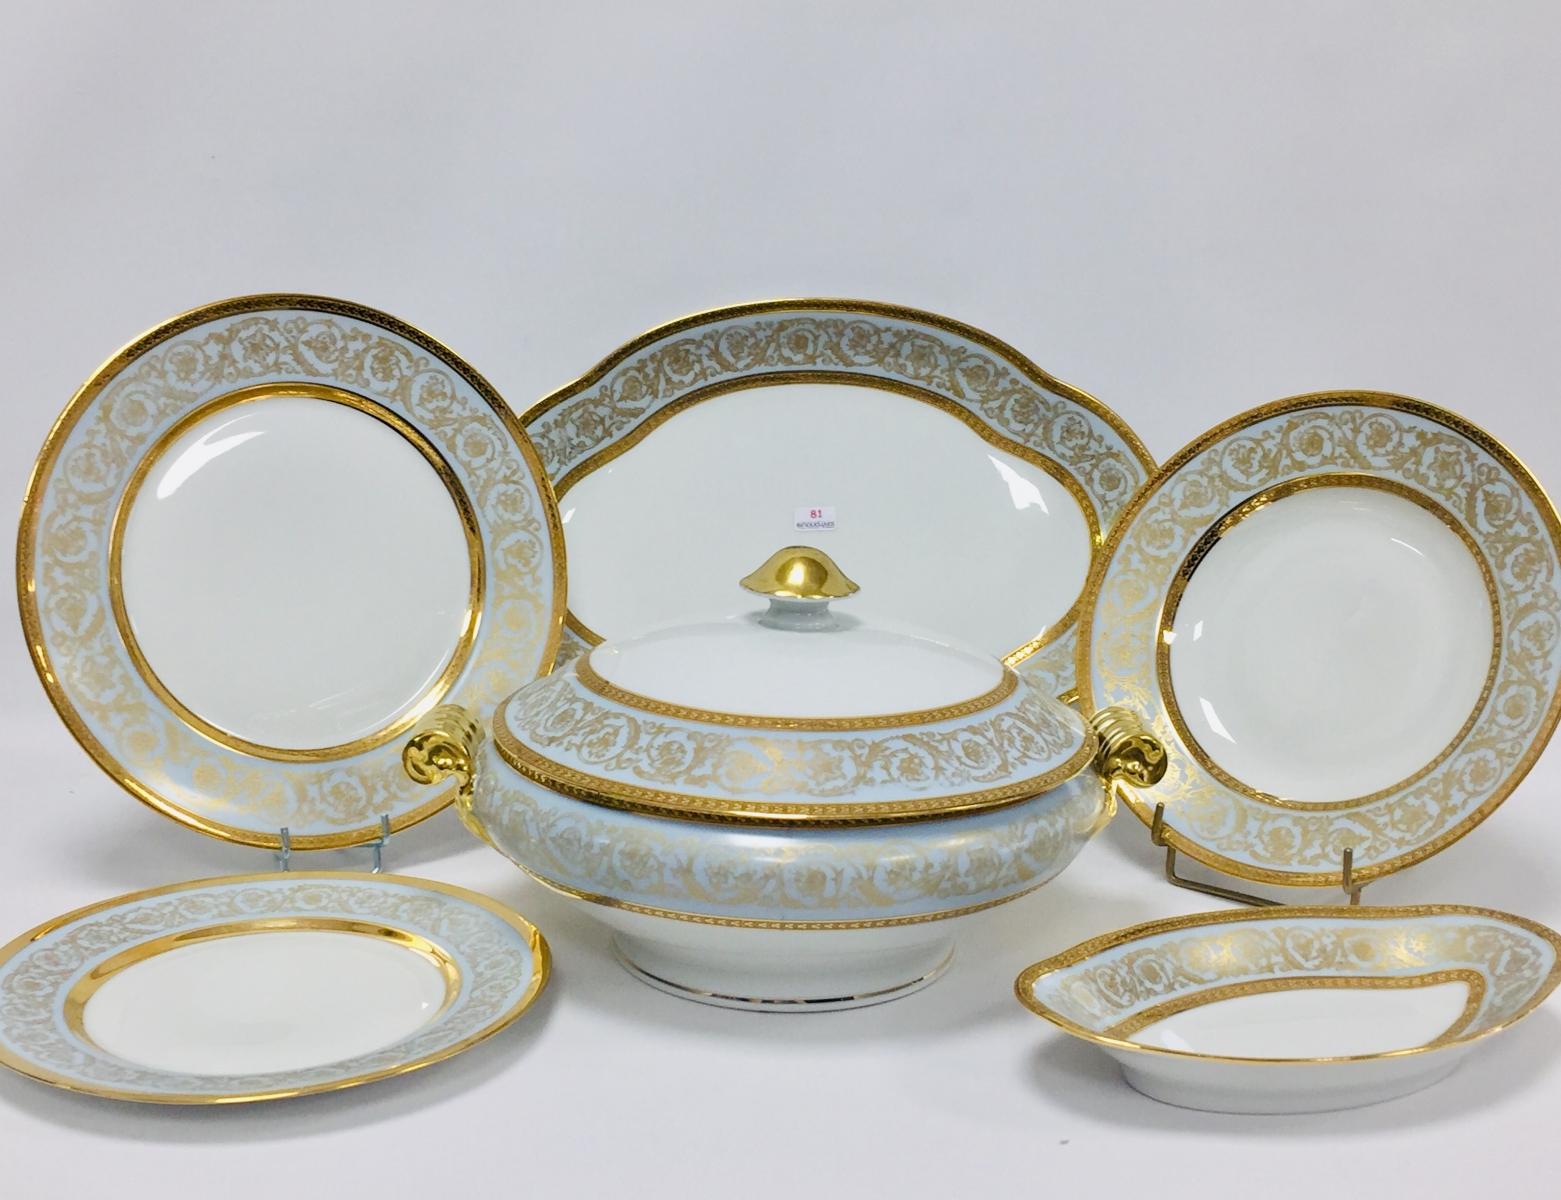 81 - HAVILAND, Limoges Service de table de 66 pièces en porcelaine blanche. Adjugé 700€